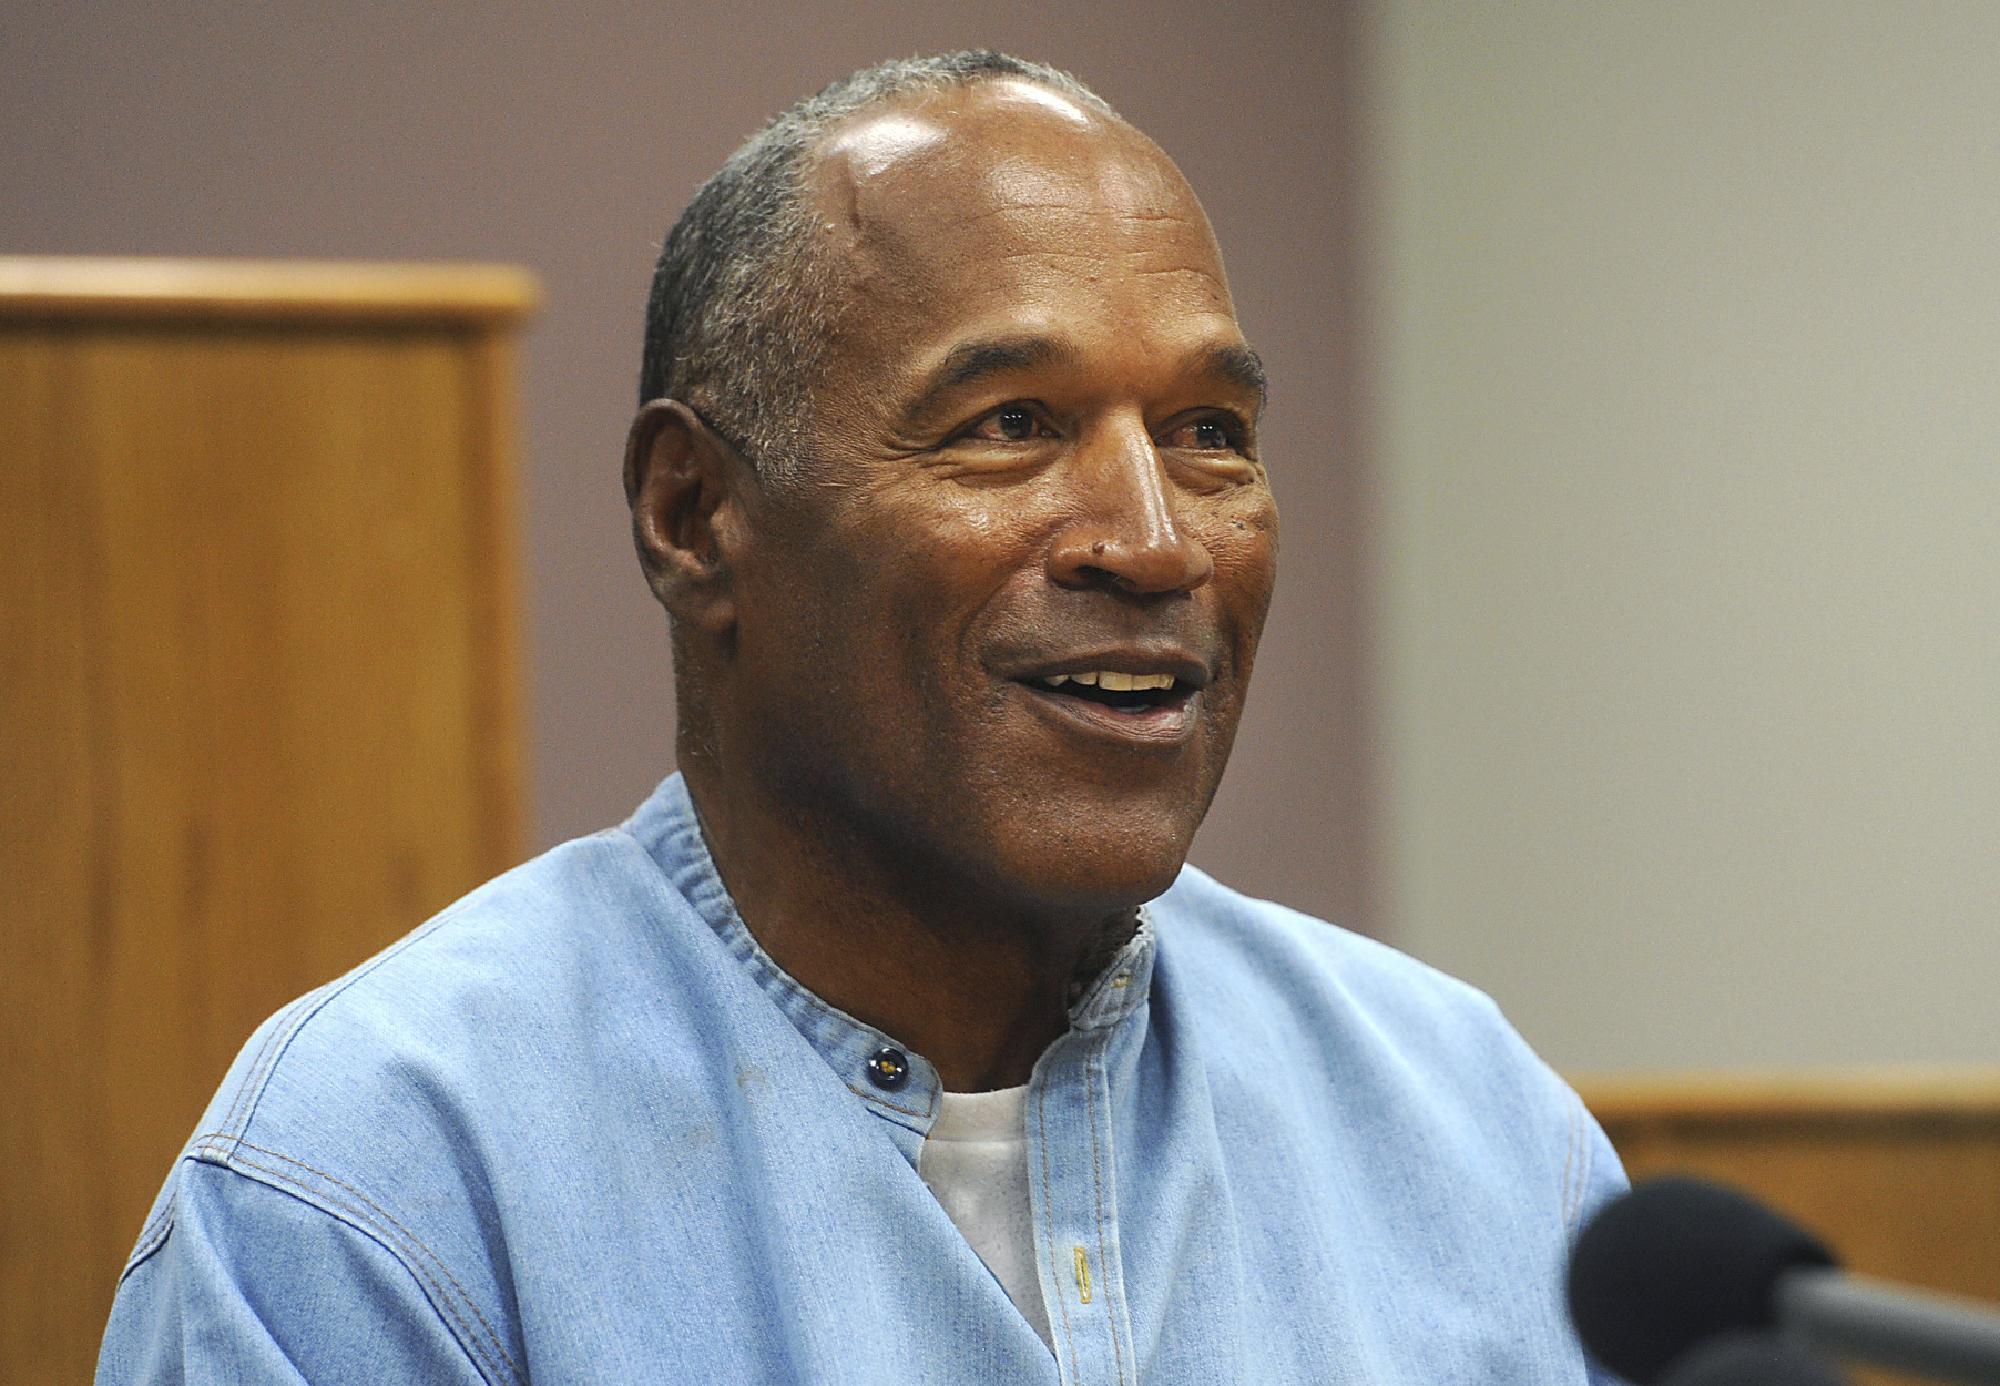 Ruling keeps OJ Simpson casino defamation claim before judge